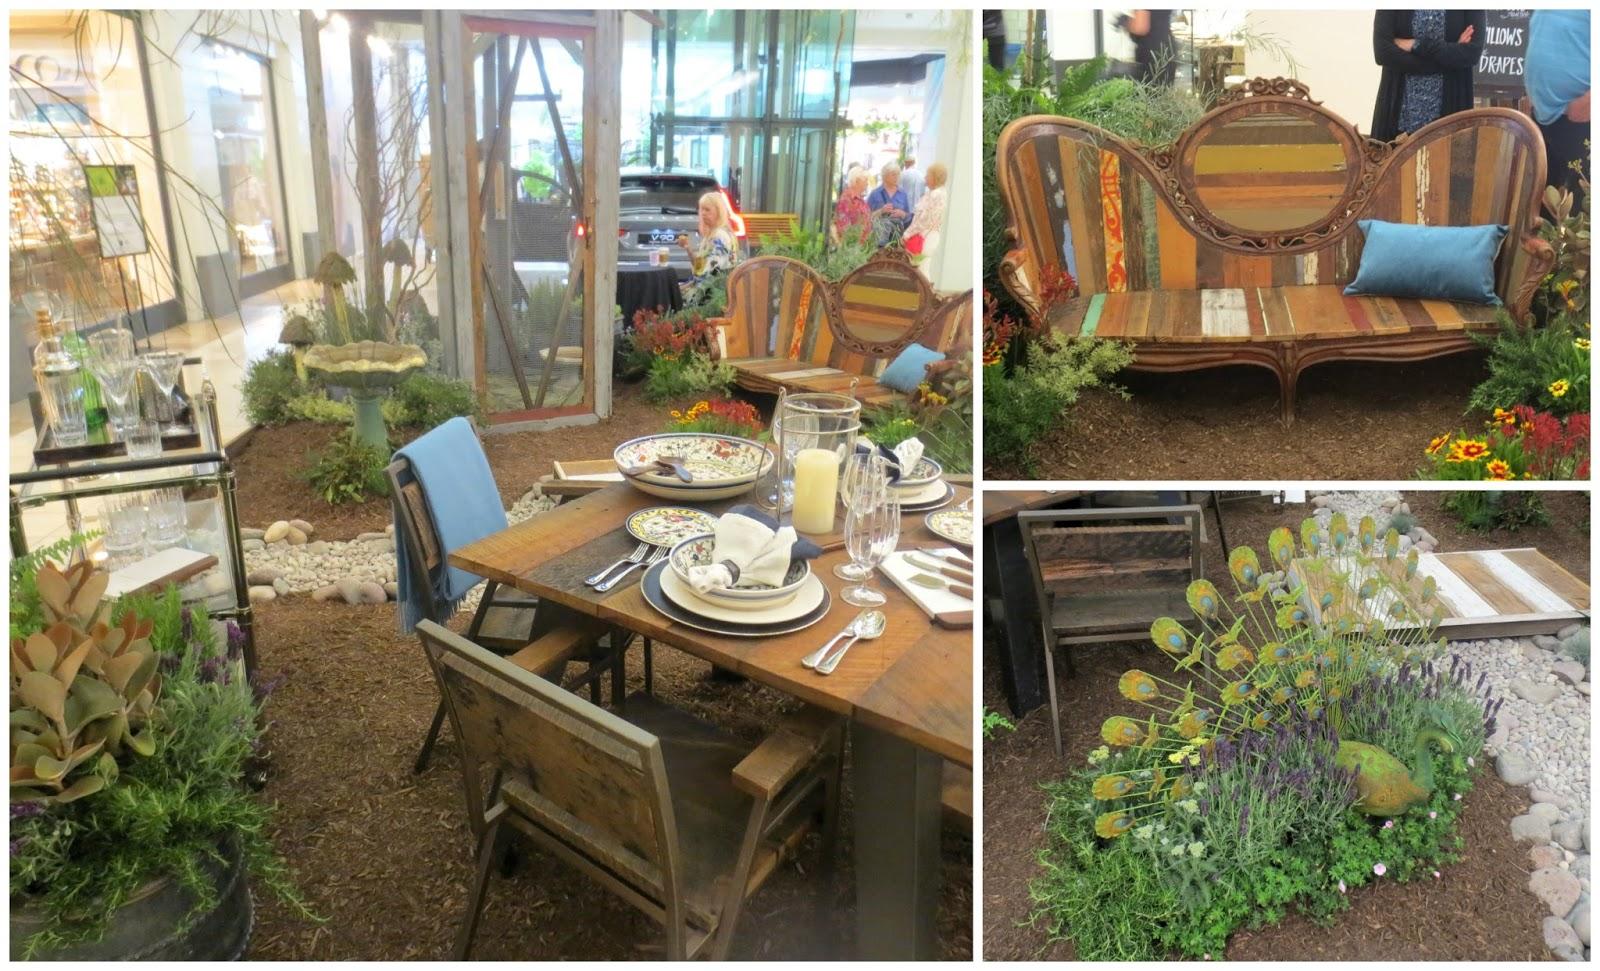 Late to the Garden Party: Our local spring garden show